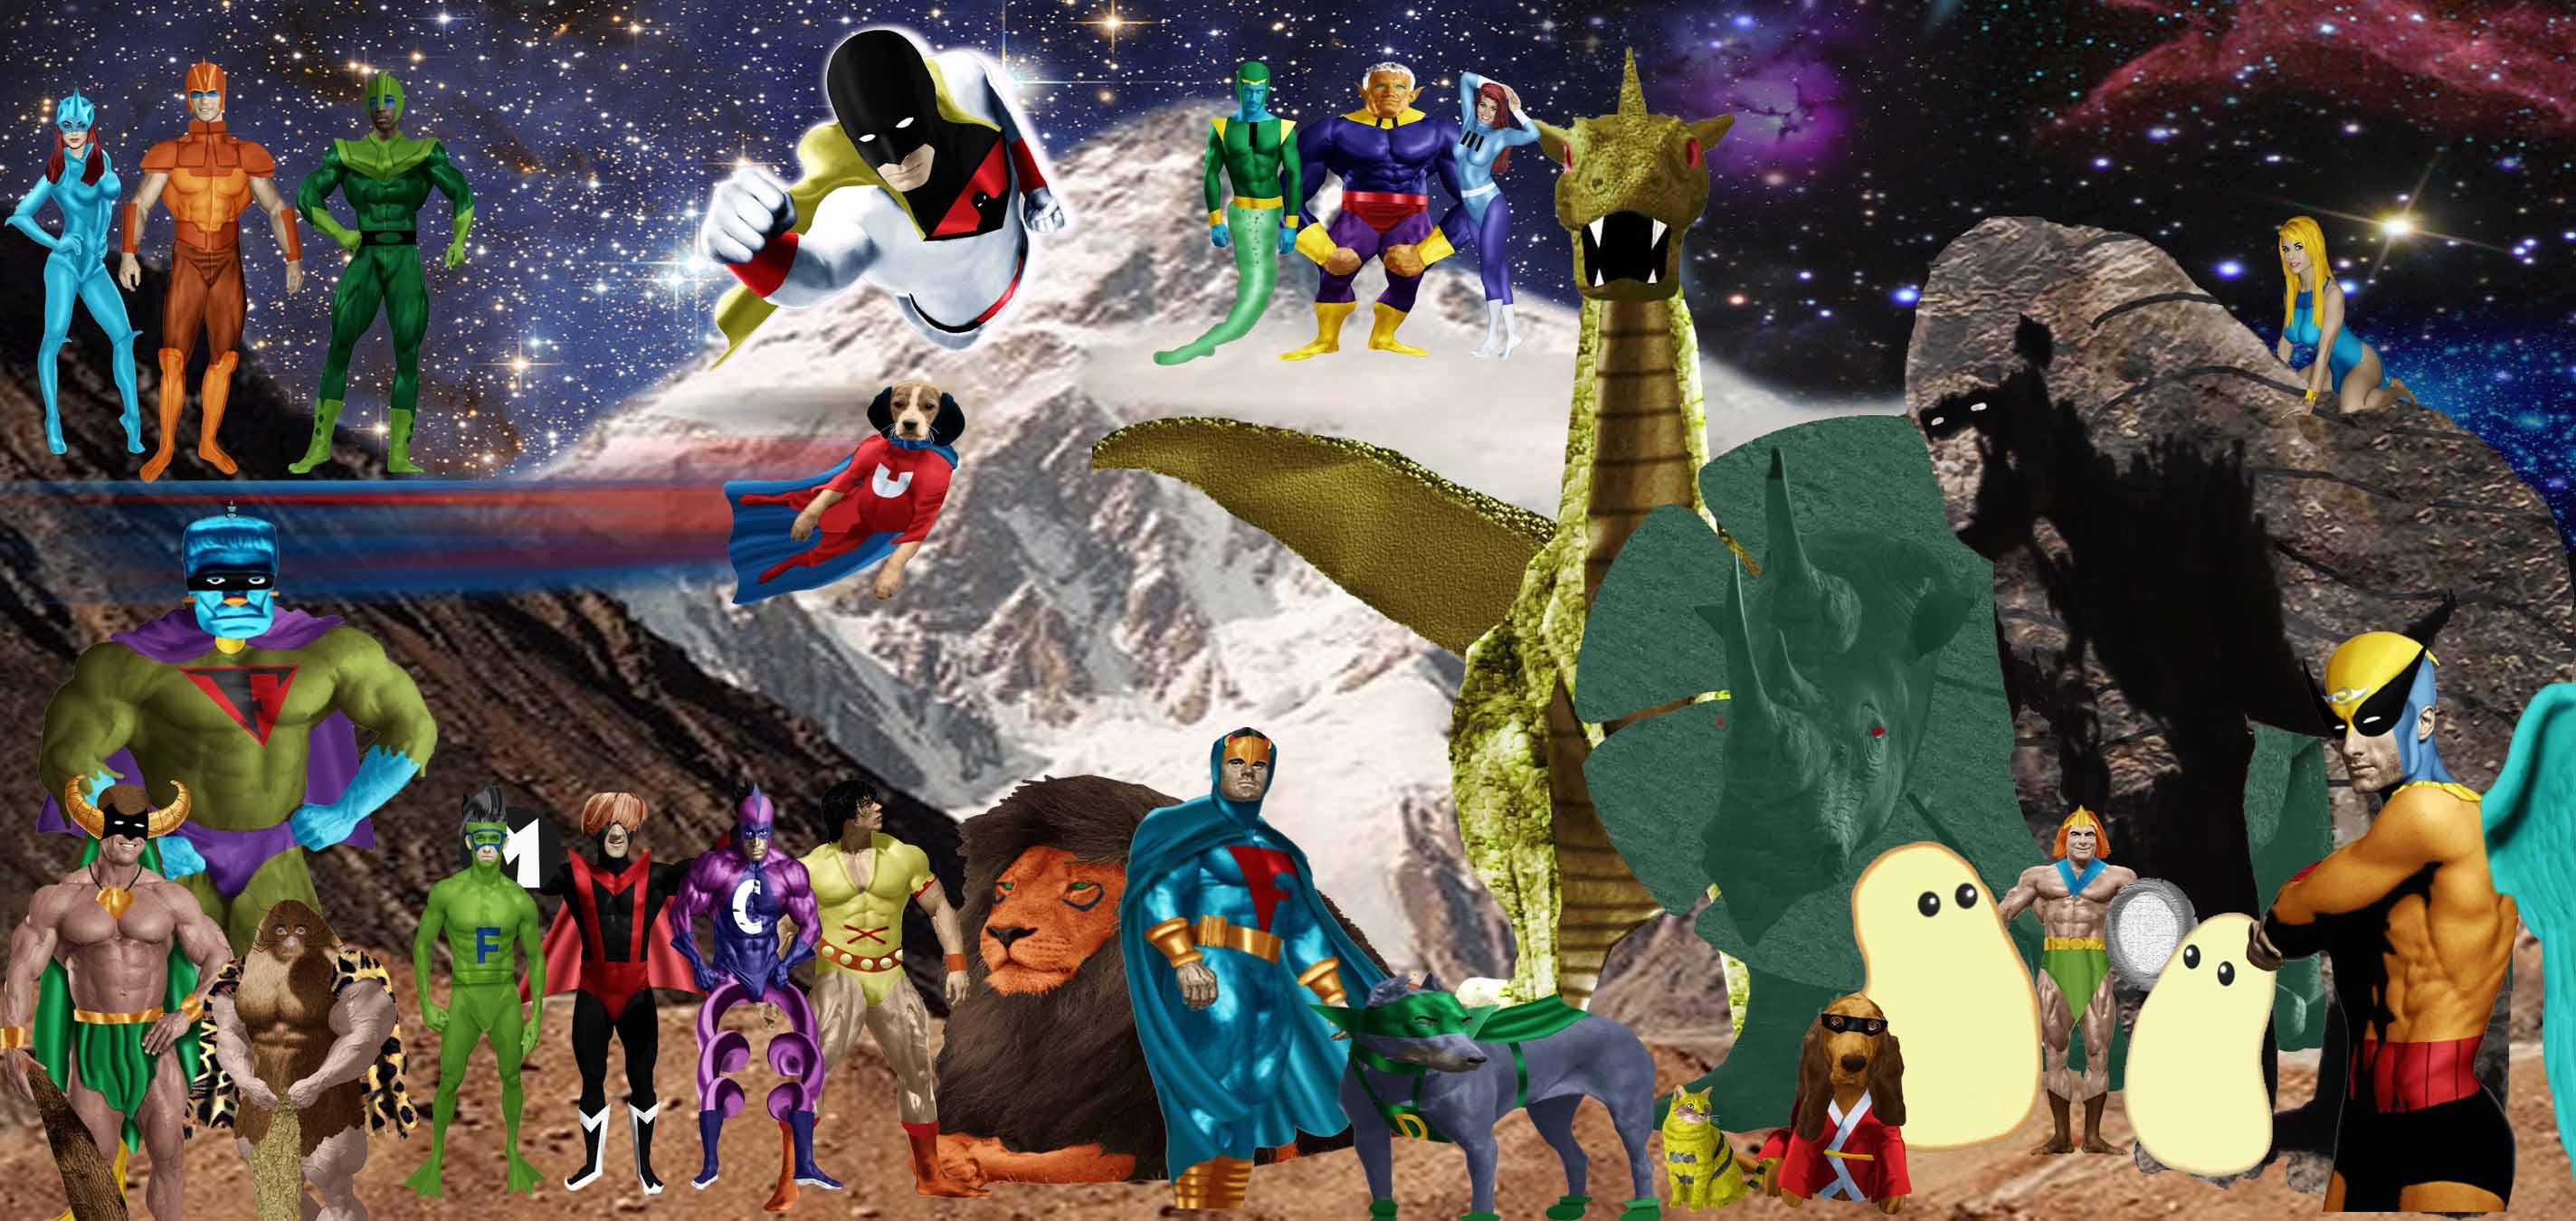 Hanna Barbera Superheroes